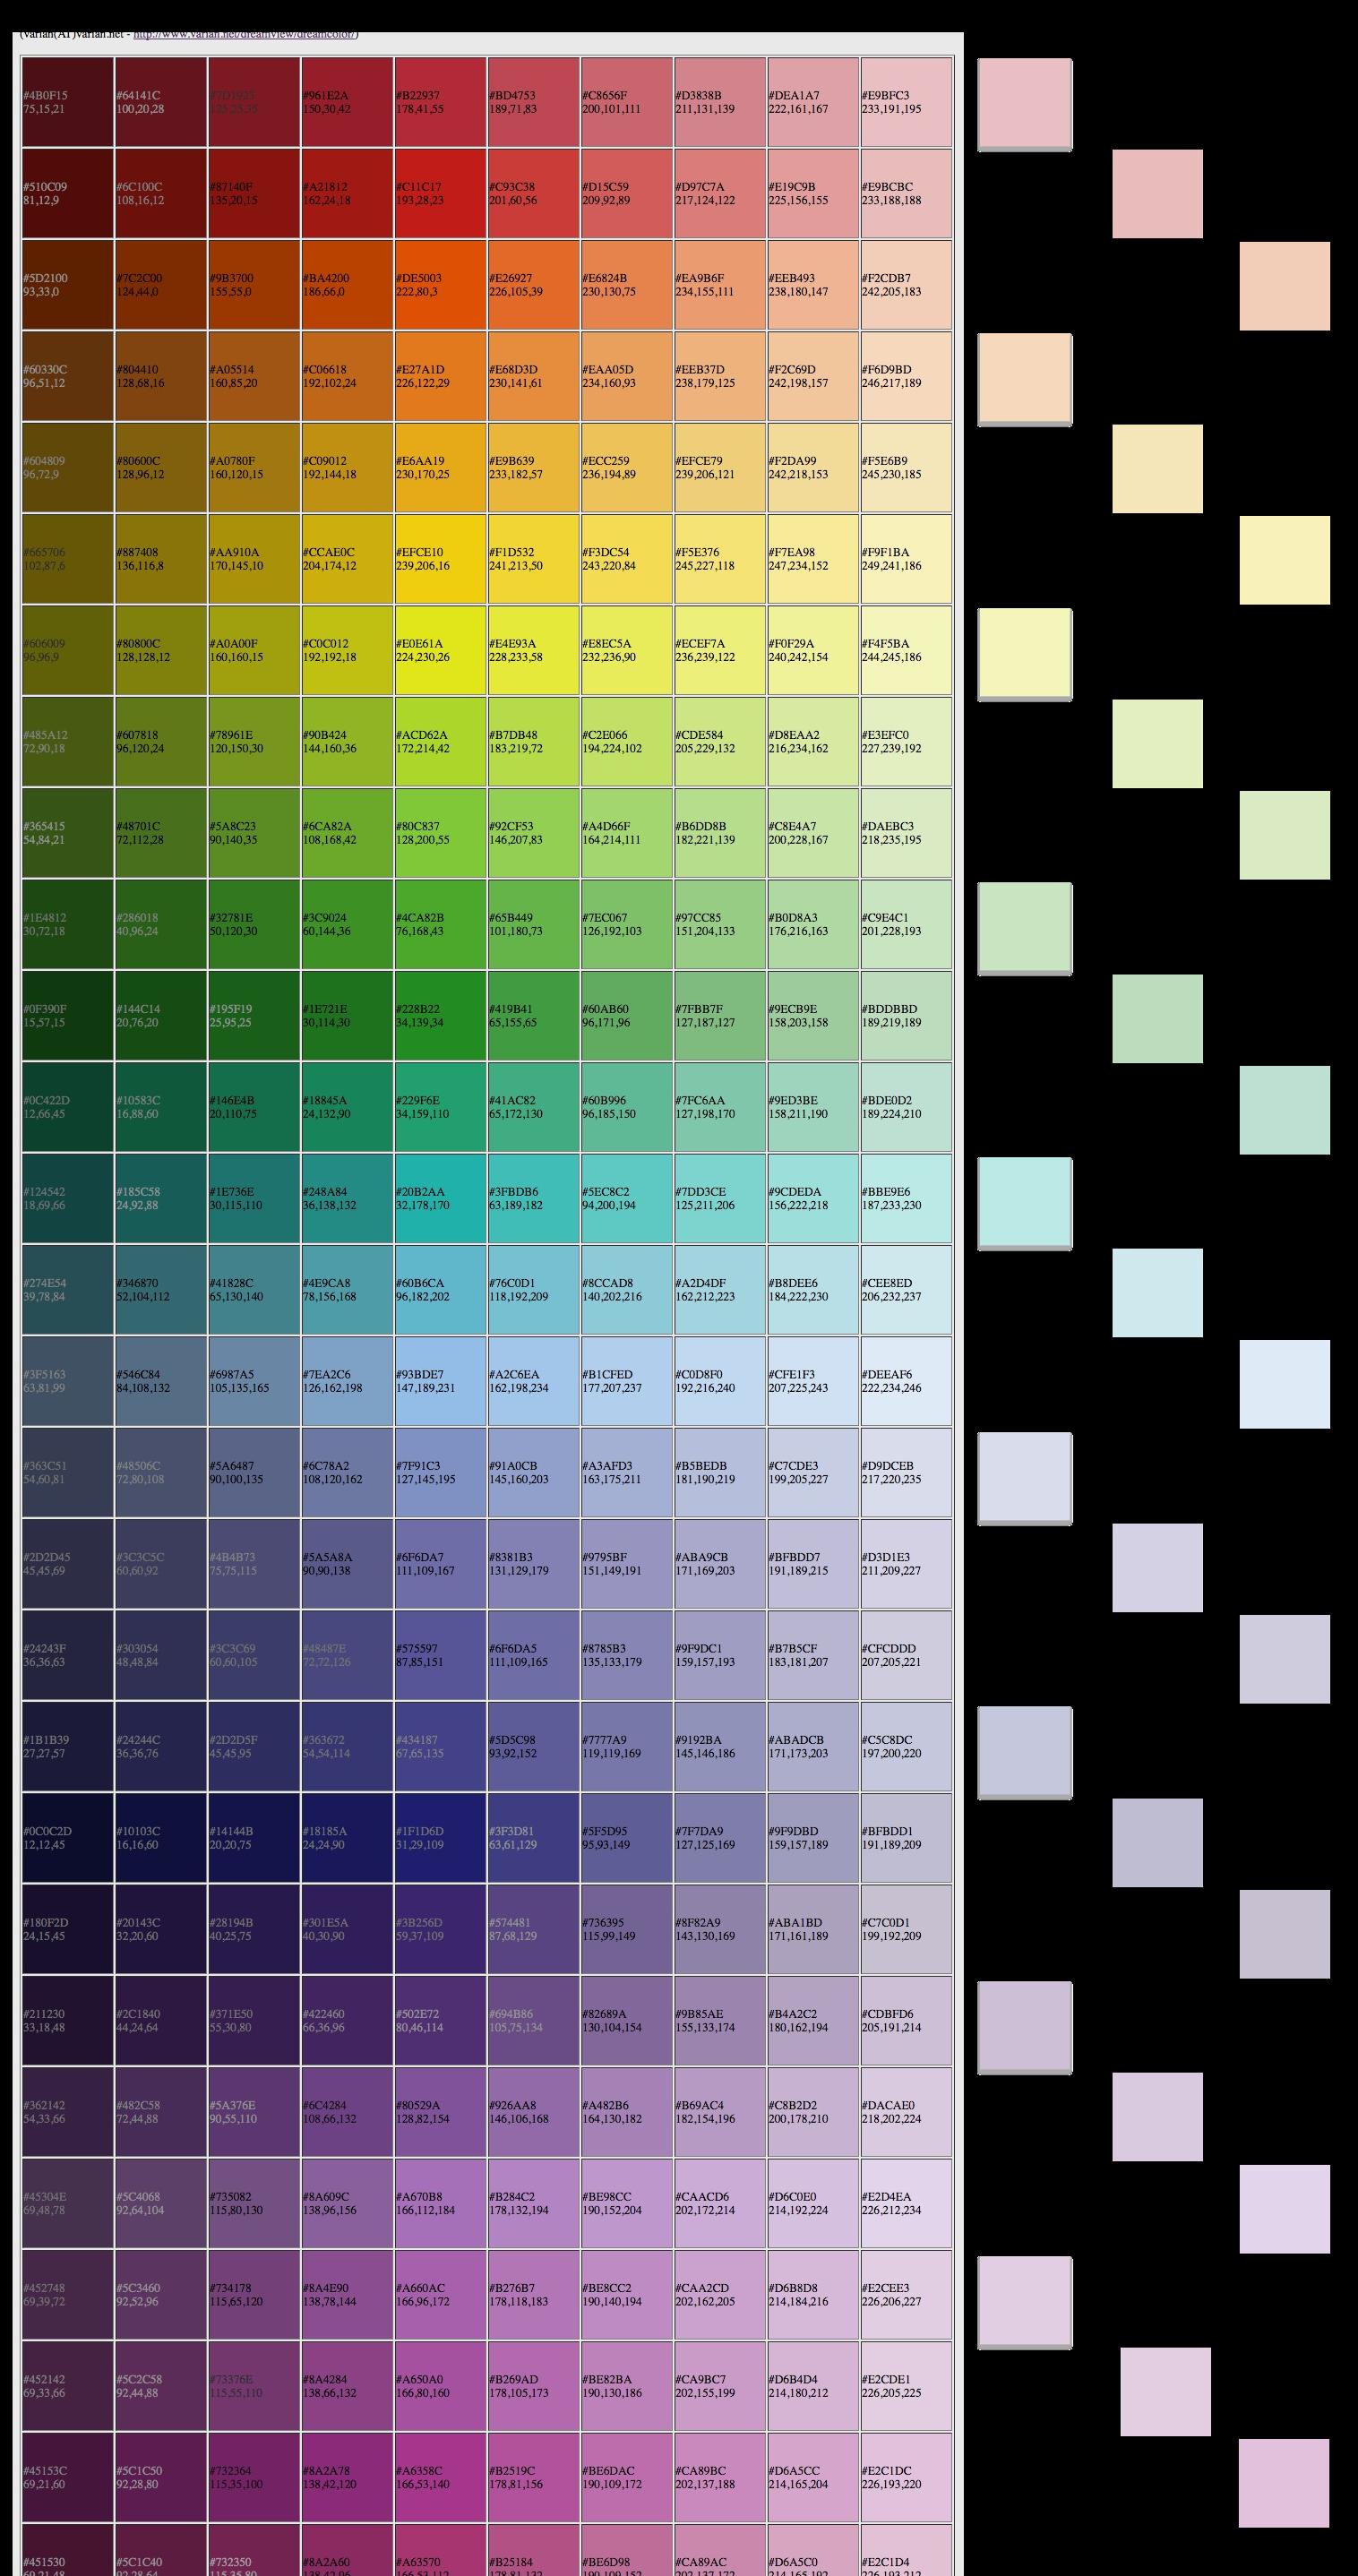 -spectrum.png